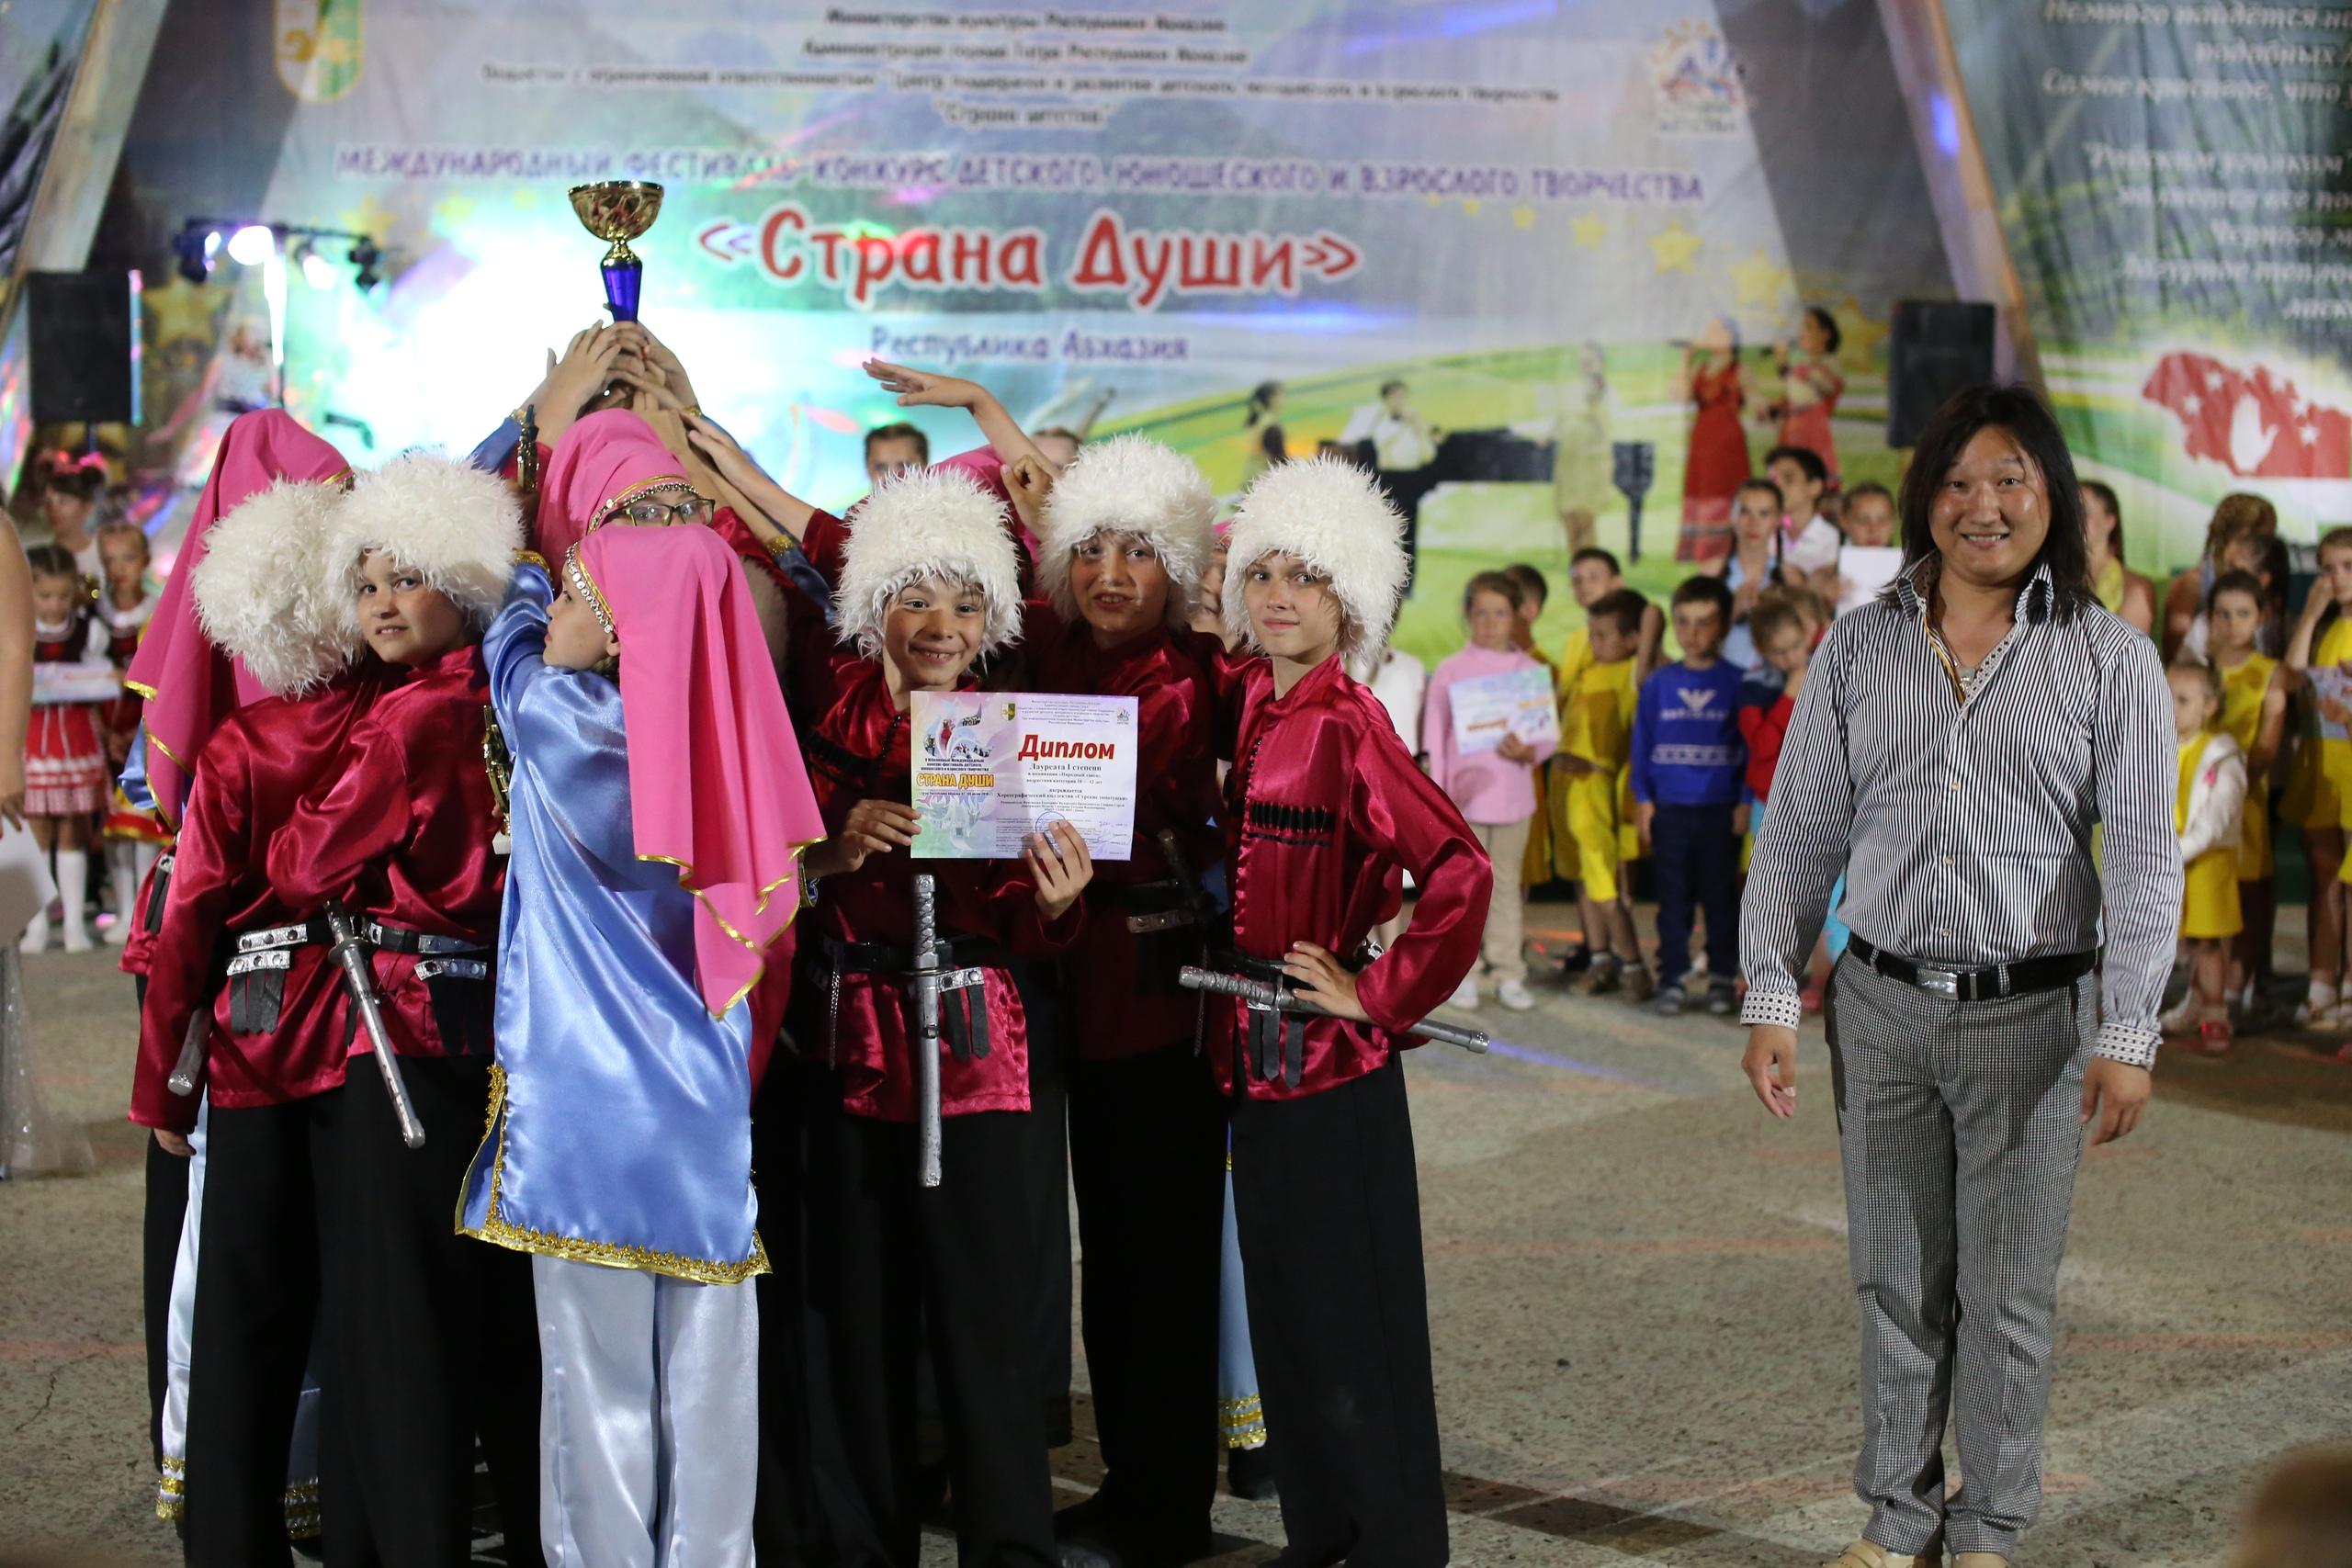 Вот и завершился первый заезд V Юбилейного Международного фестиваля-конкурса детского, юношеского и взрослого творчества «Страна души»